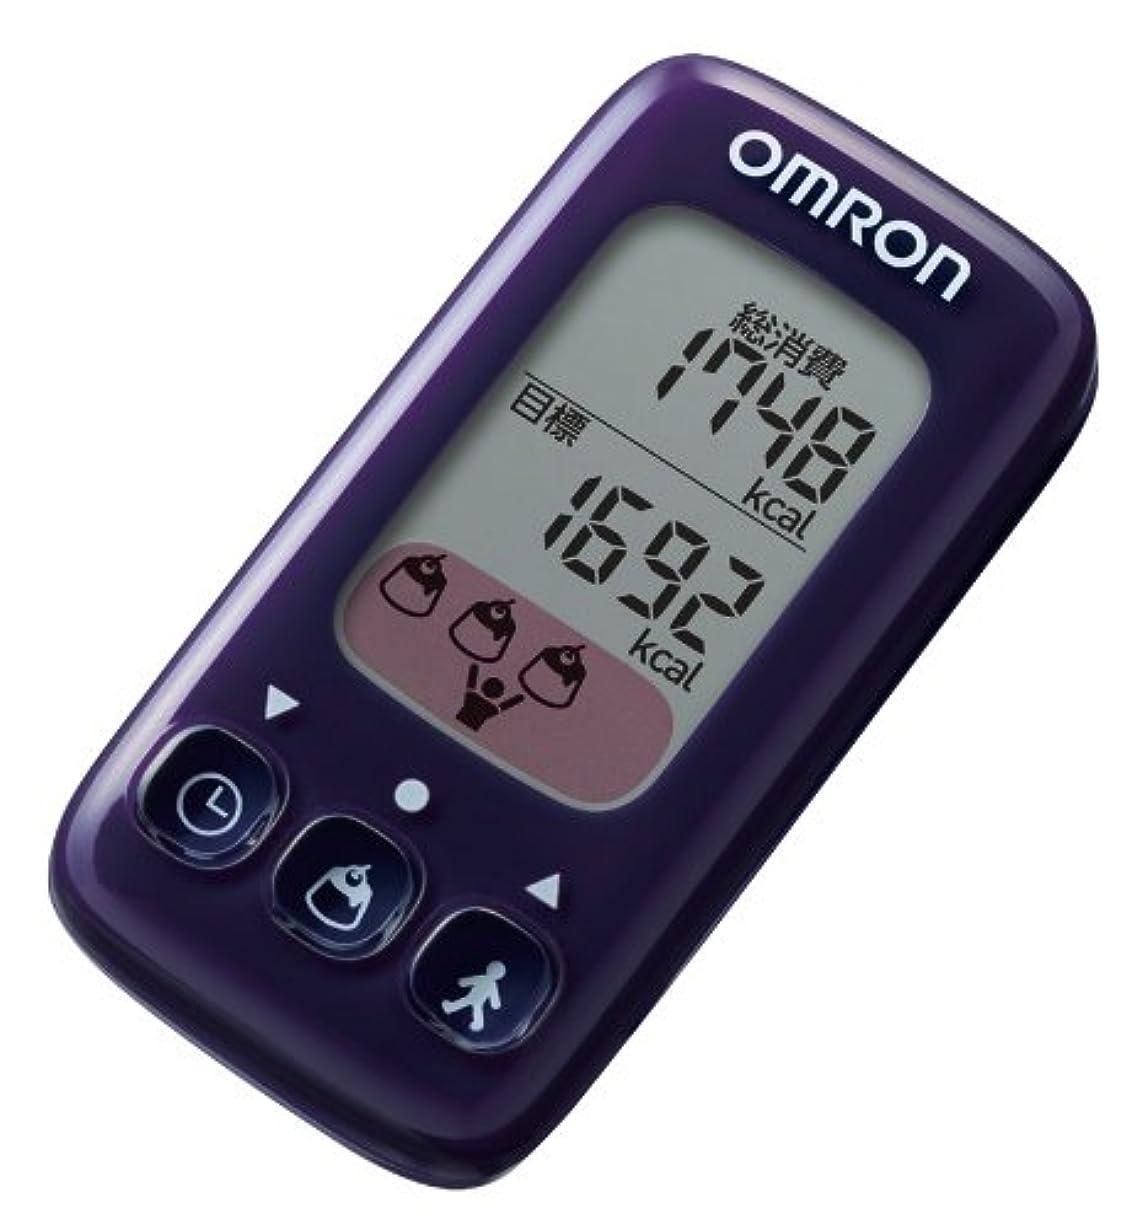 ベリー偏見バイバイオムロン(OMRON) 活動量計 カロリスキャン WellnessLink ブルーベリー HJA-311-V